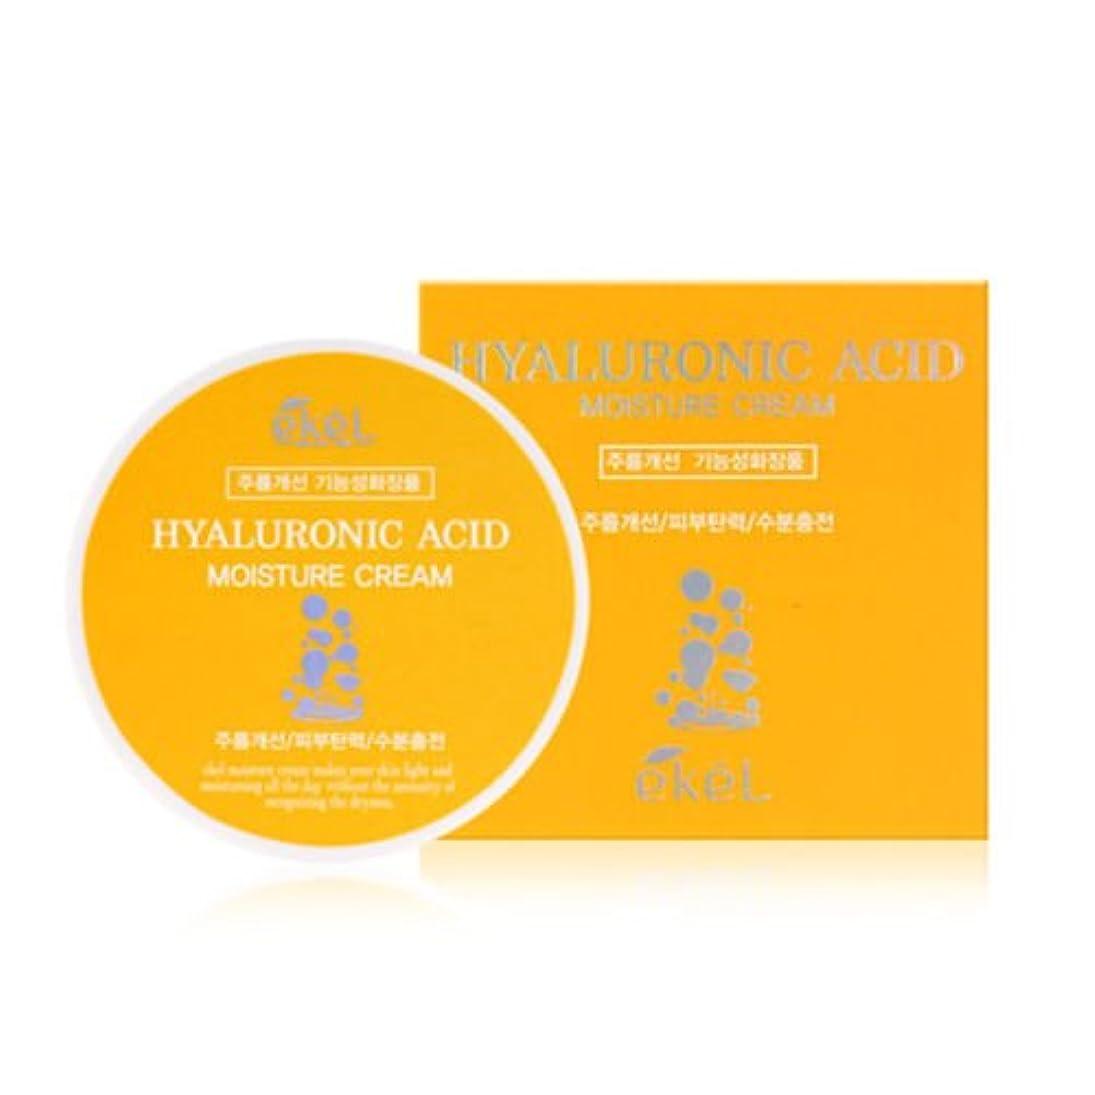 既婚鋸歯状健康イケル[韓国コスメEkel]Hyaluronic acid Moisture Cream ヒアルロン酸モイスチャークリーム100g [並行輸入品]